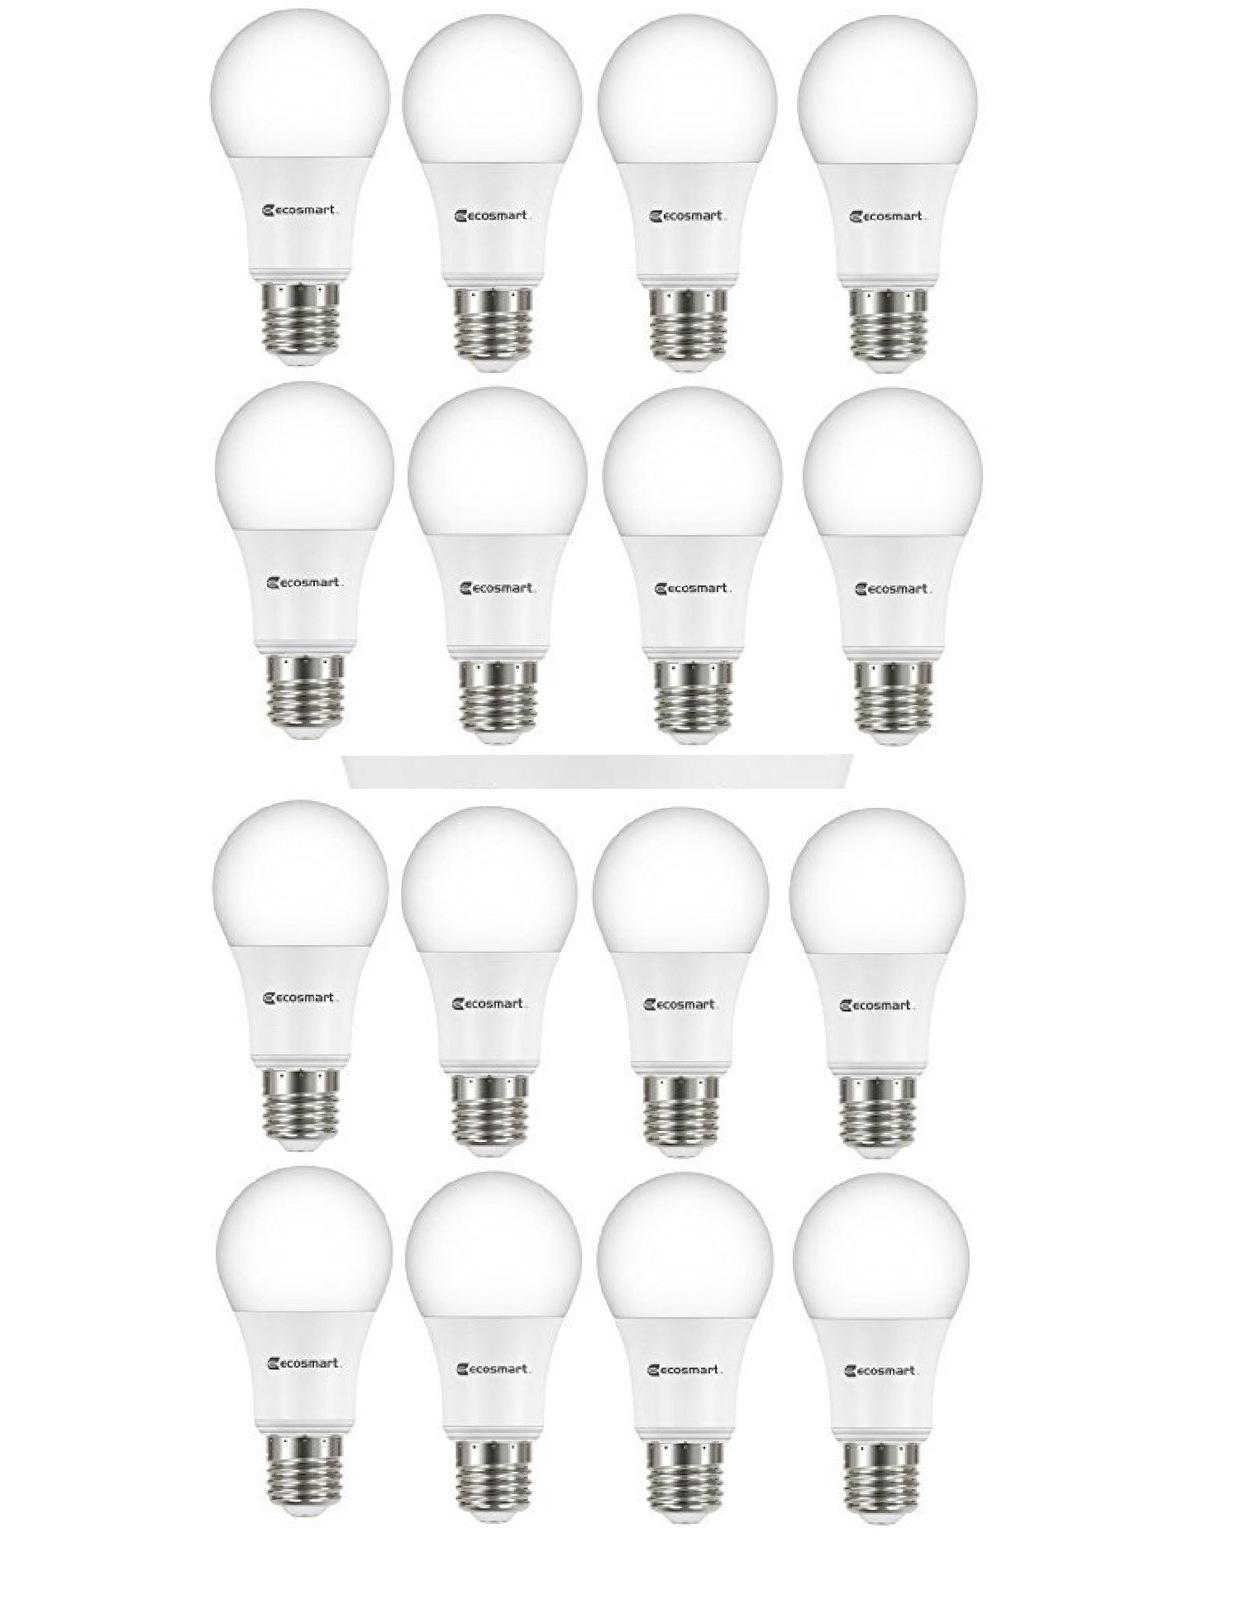 Ecosmart 60 Watt Equivalent Soft White A19 Non Dimmable